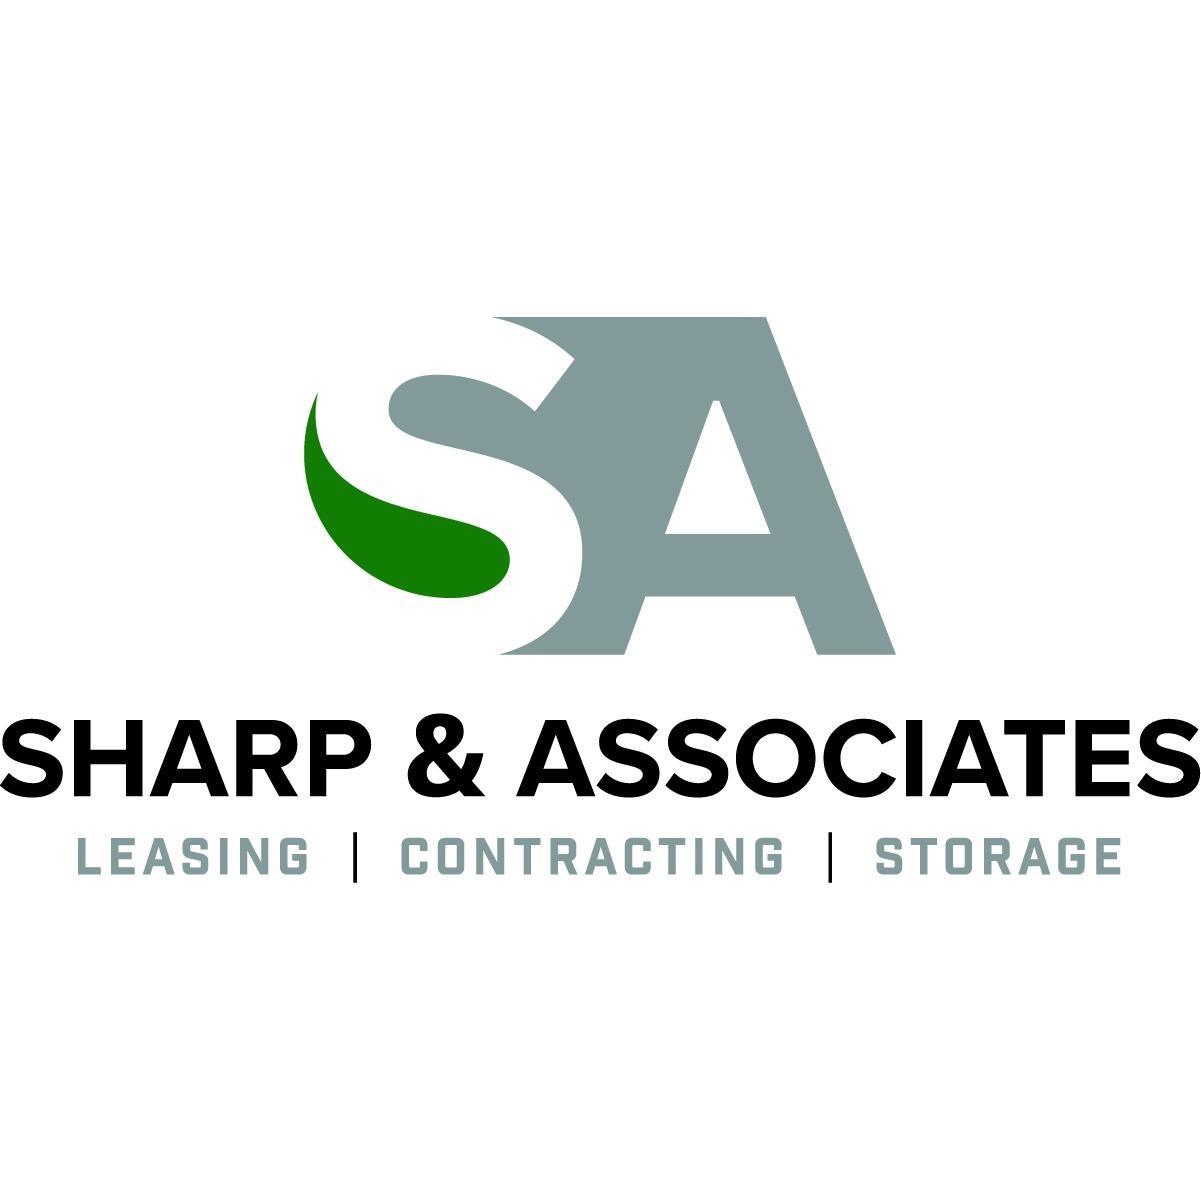 Sharp & Associates, LLC